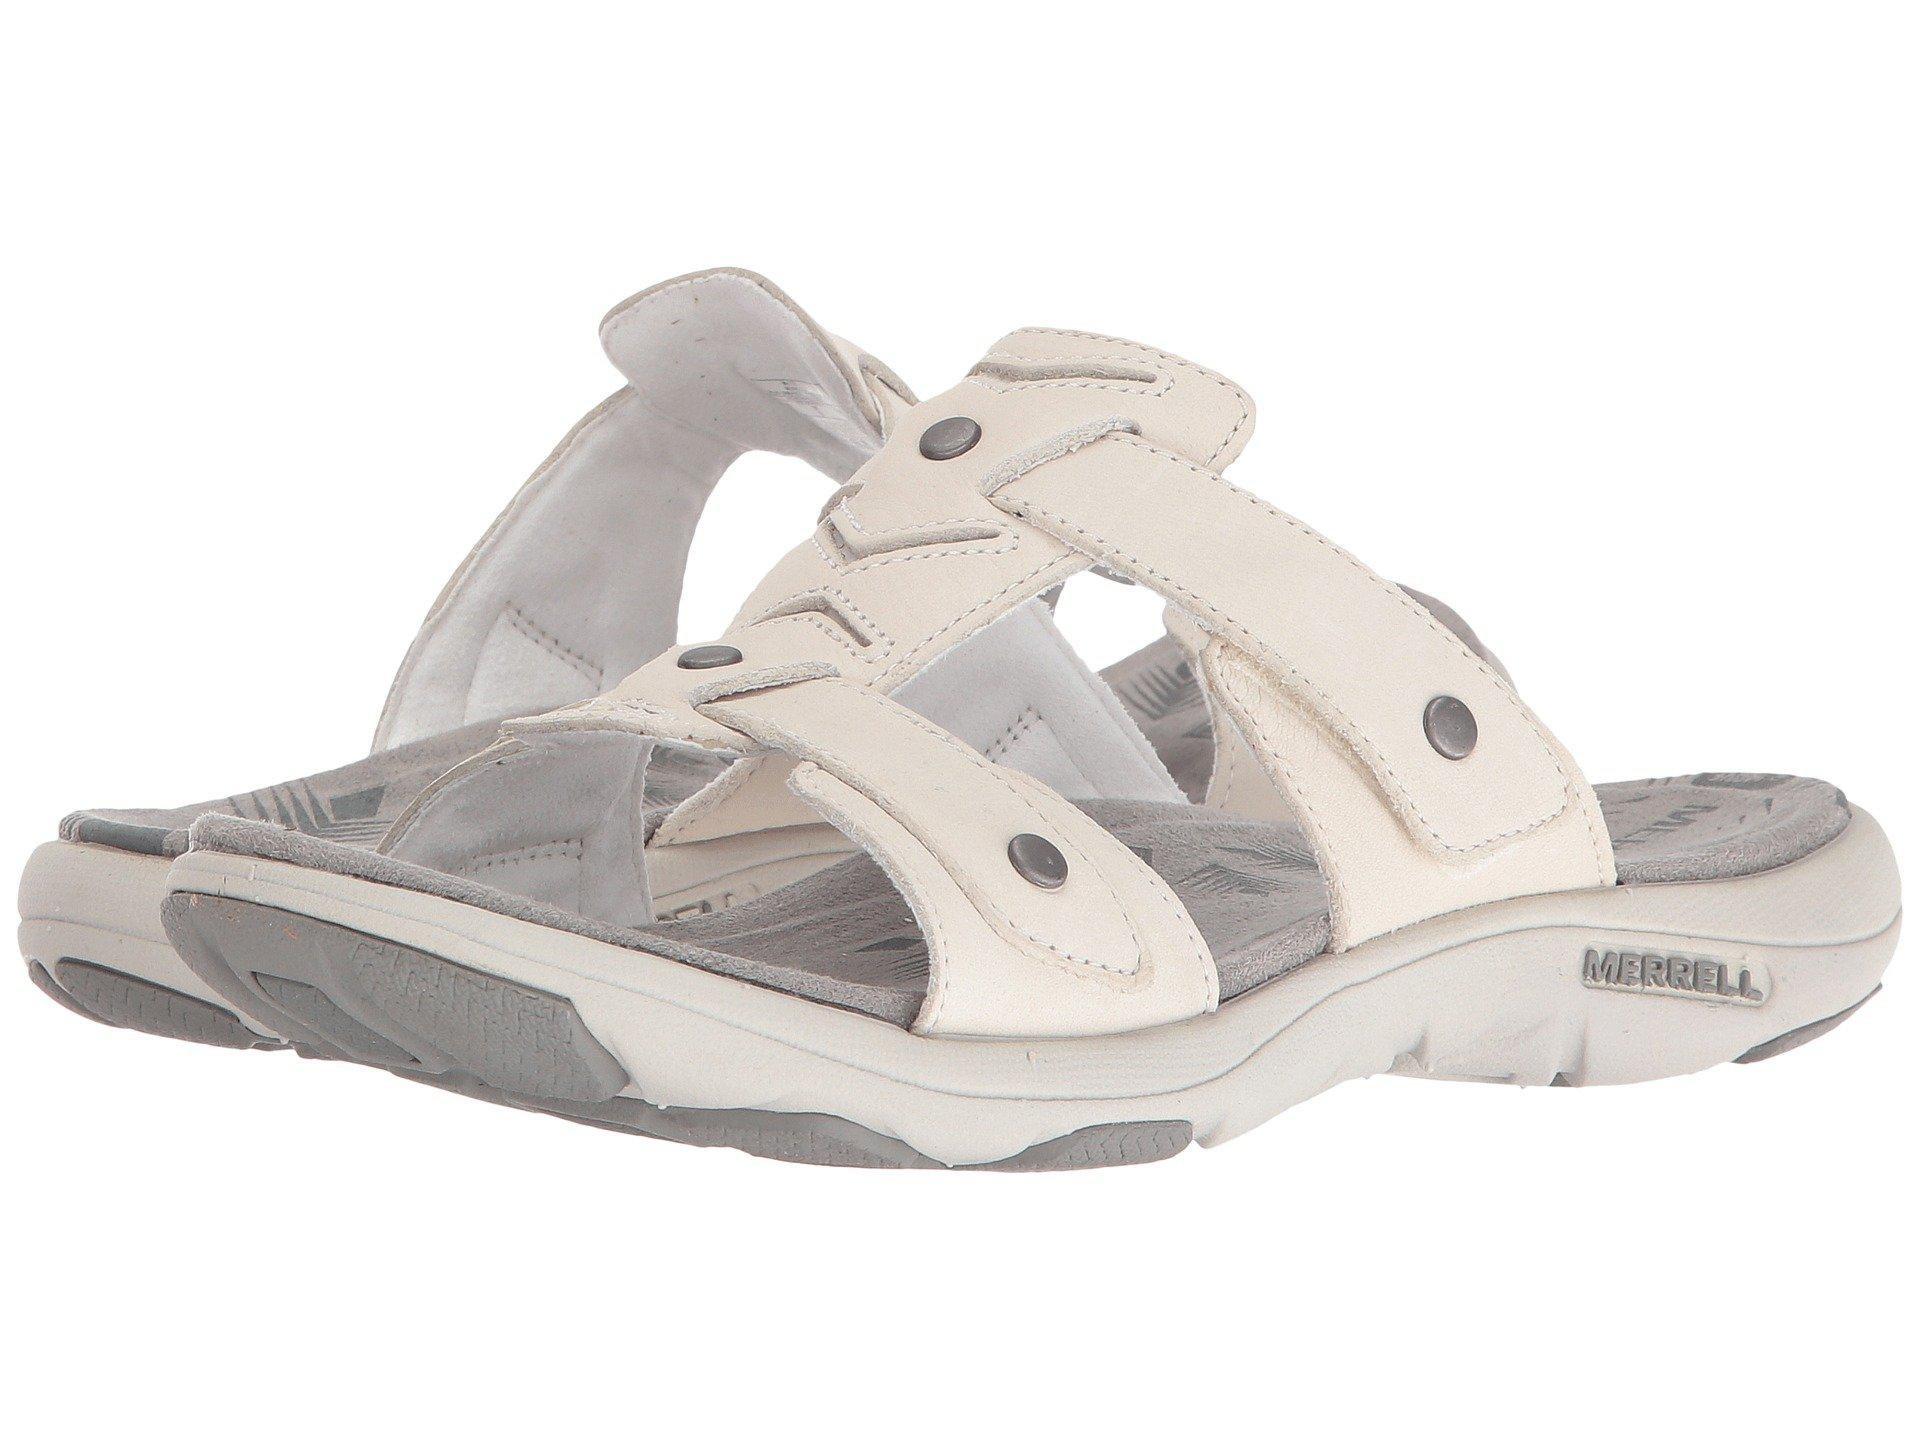 e4616b9c49c1 Lyst - Merrell Adhera Slide Ii in White